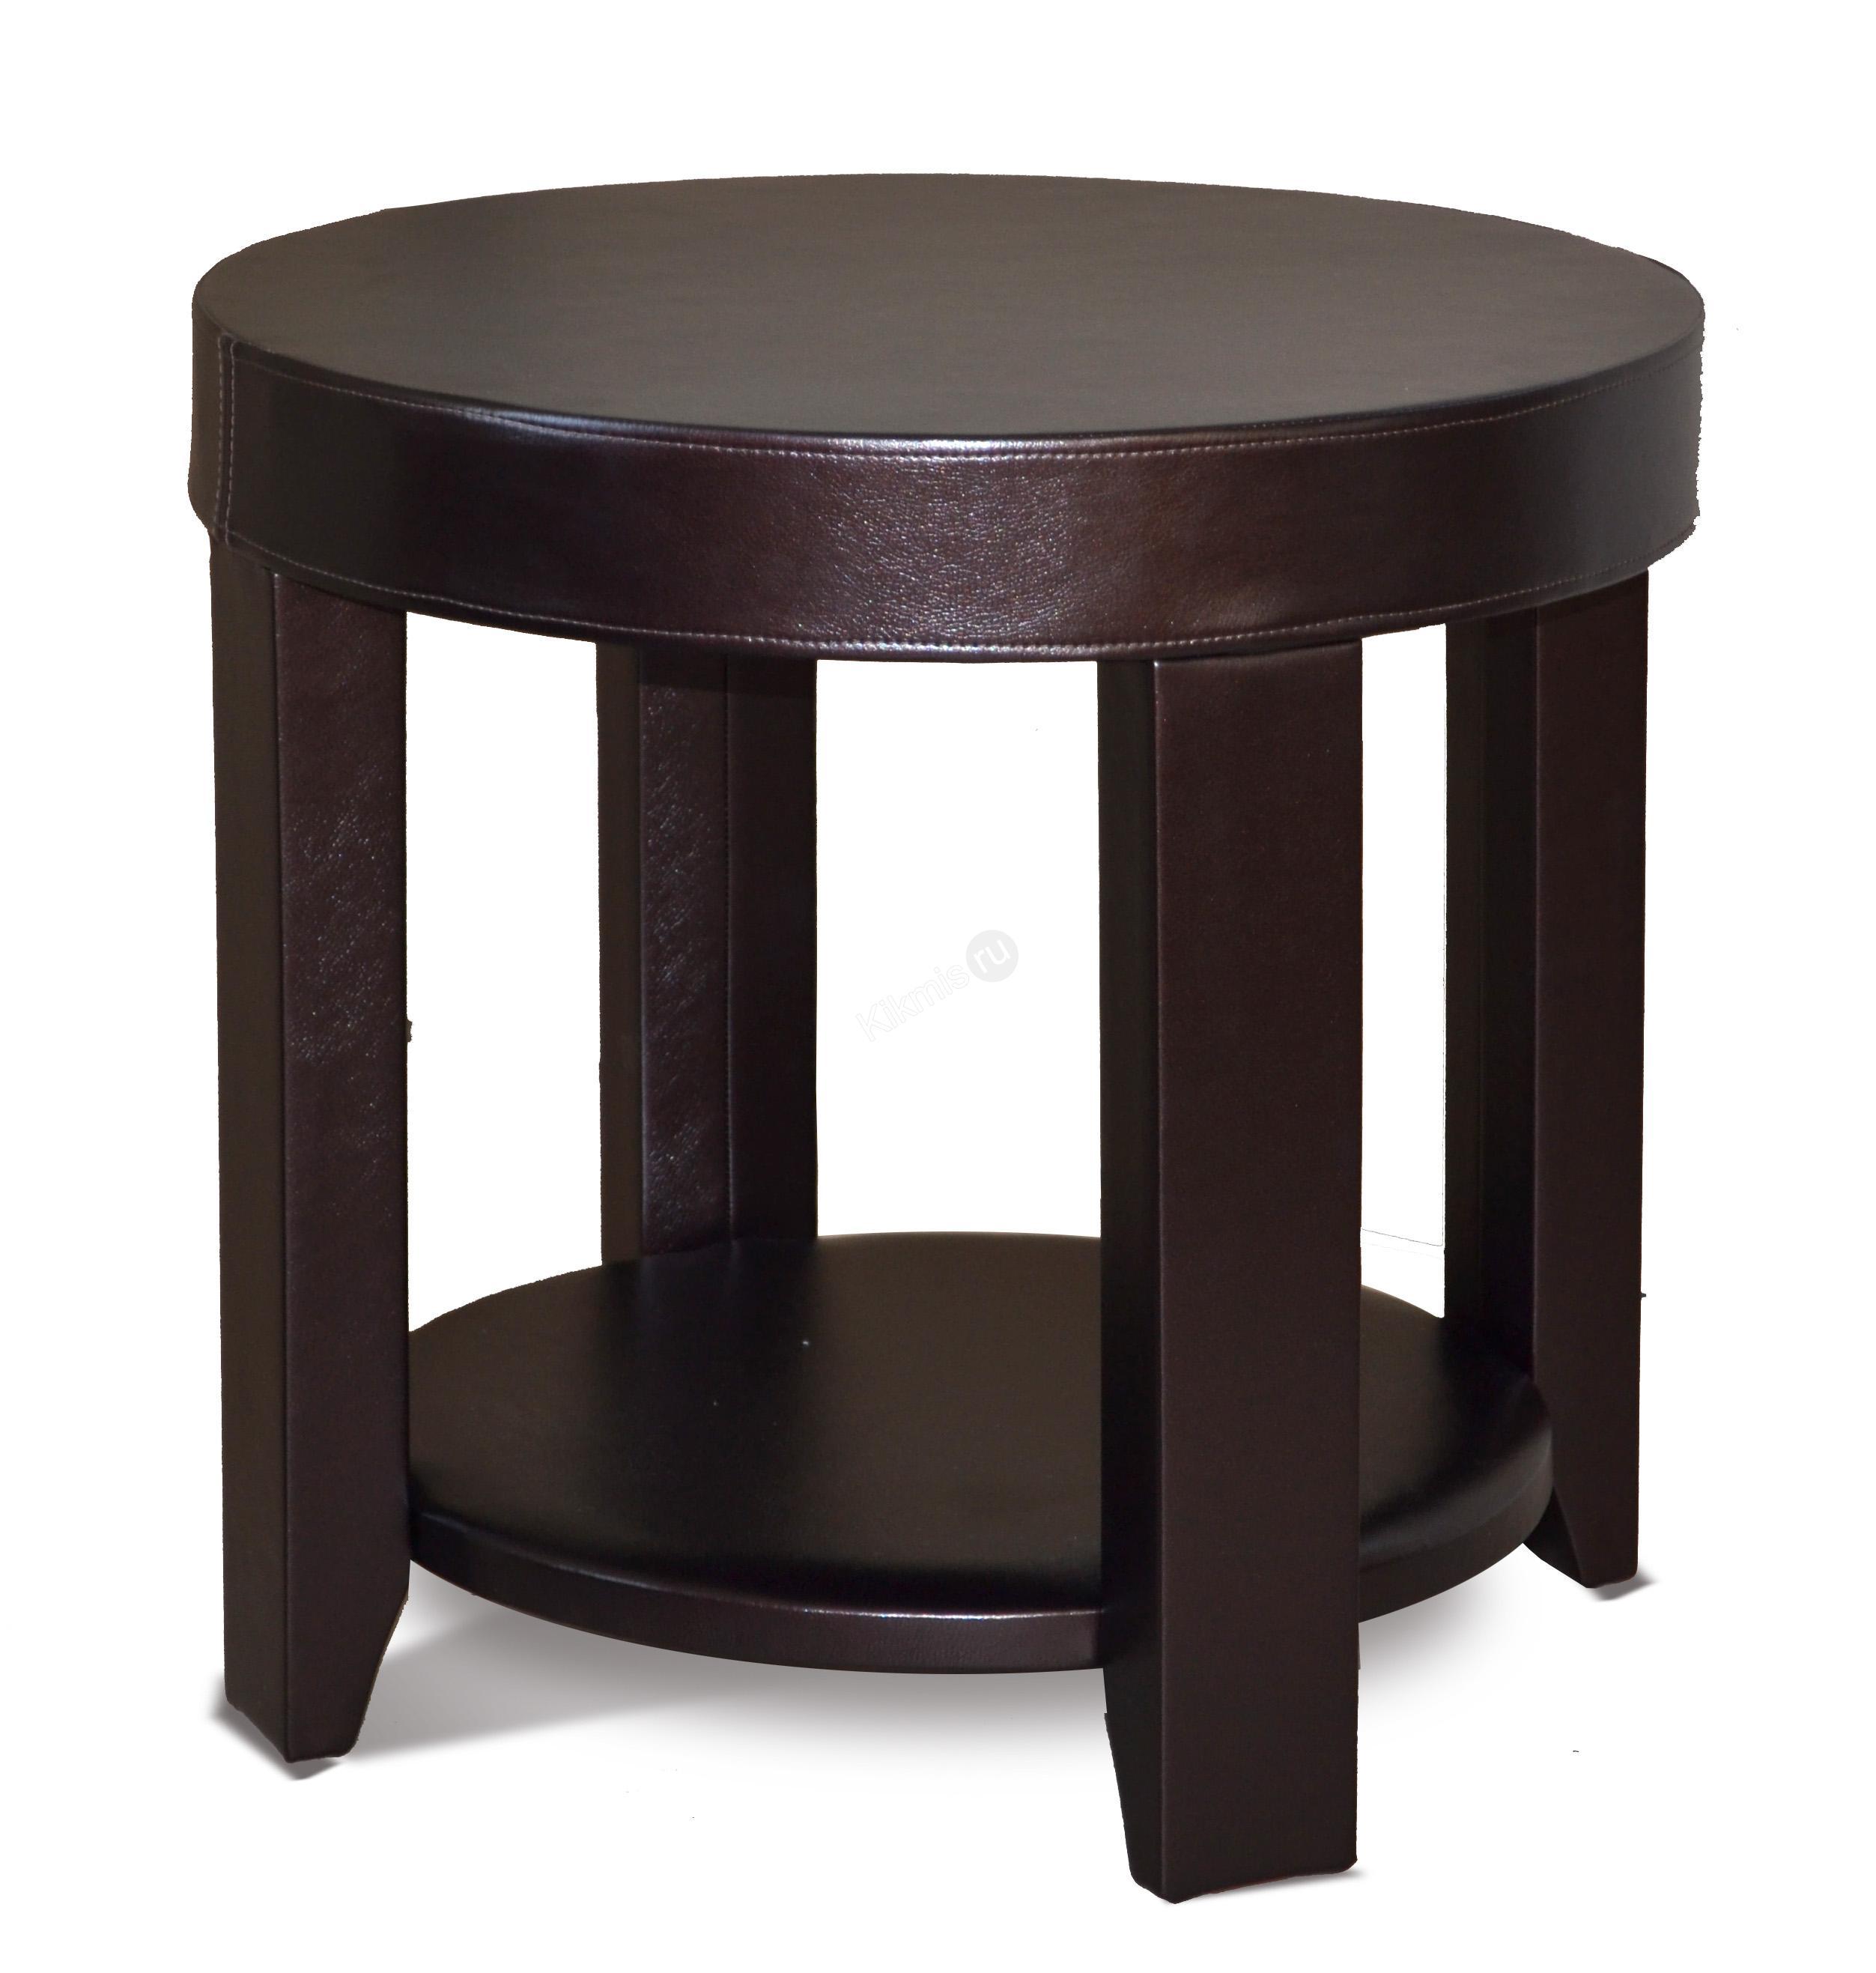 круглый журнальный столик сакура 1 ил 100 экокожа